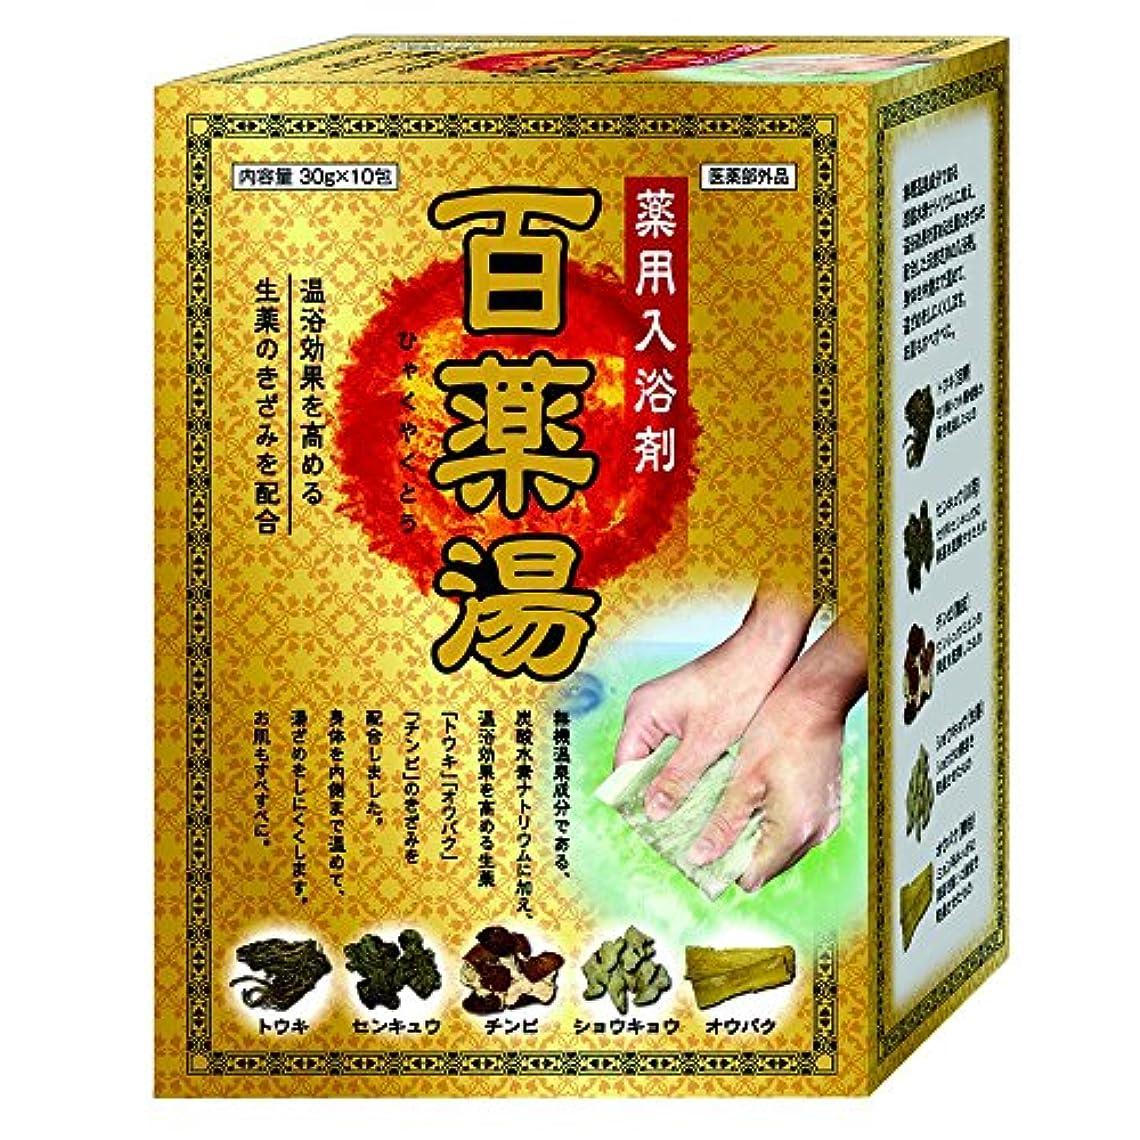 スカーフ苦拡張百薬湯 薬用入浴剤 温浴効果を高める生薬のきざみを配合 30g×10包 (医薬部外品)